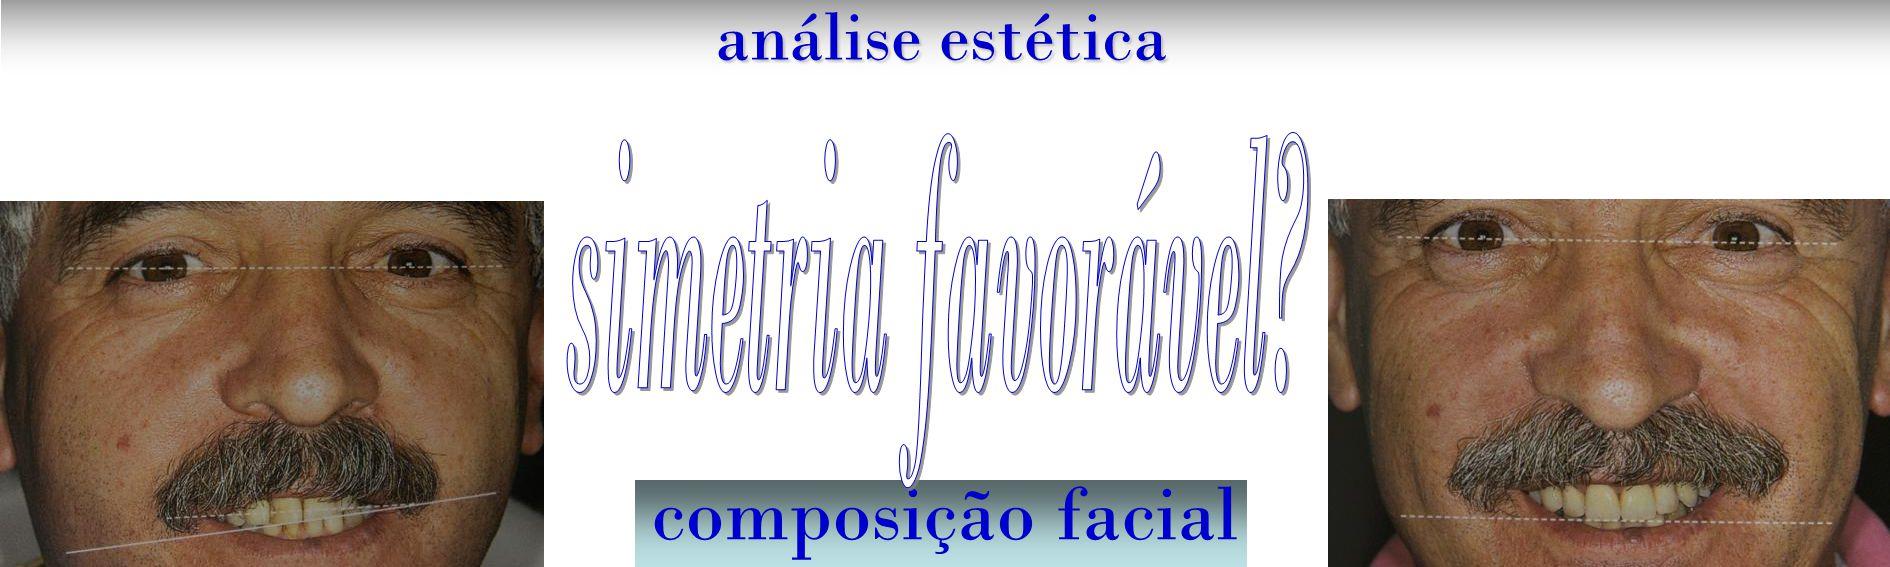 composição dento-facial análise estética corredor bucal